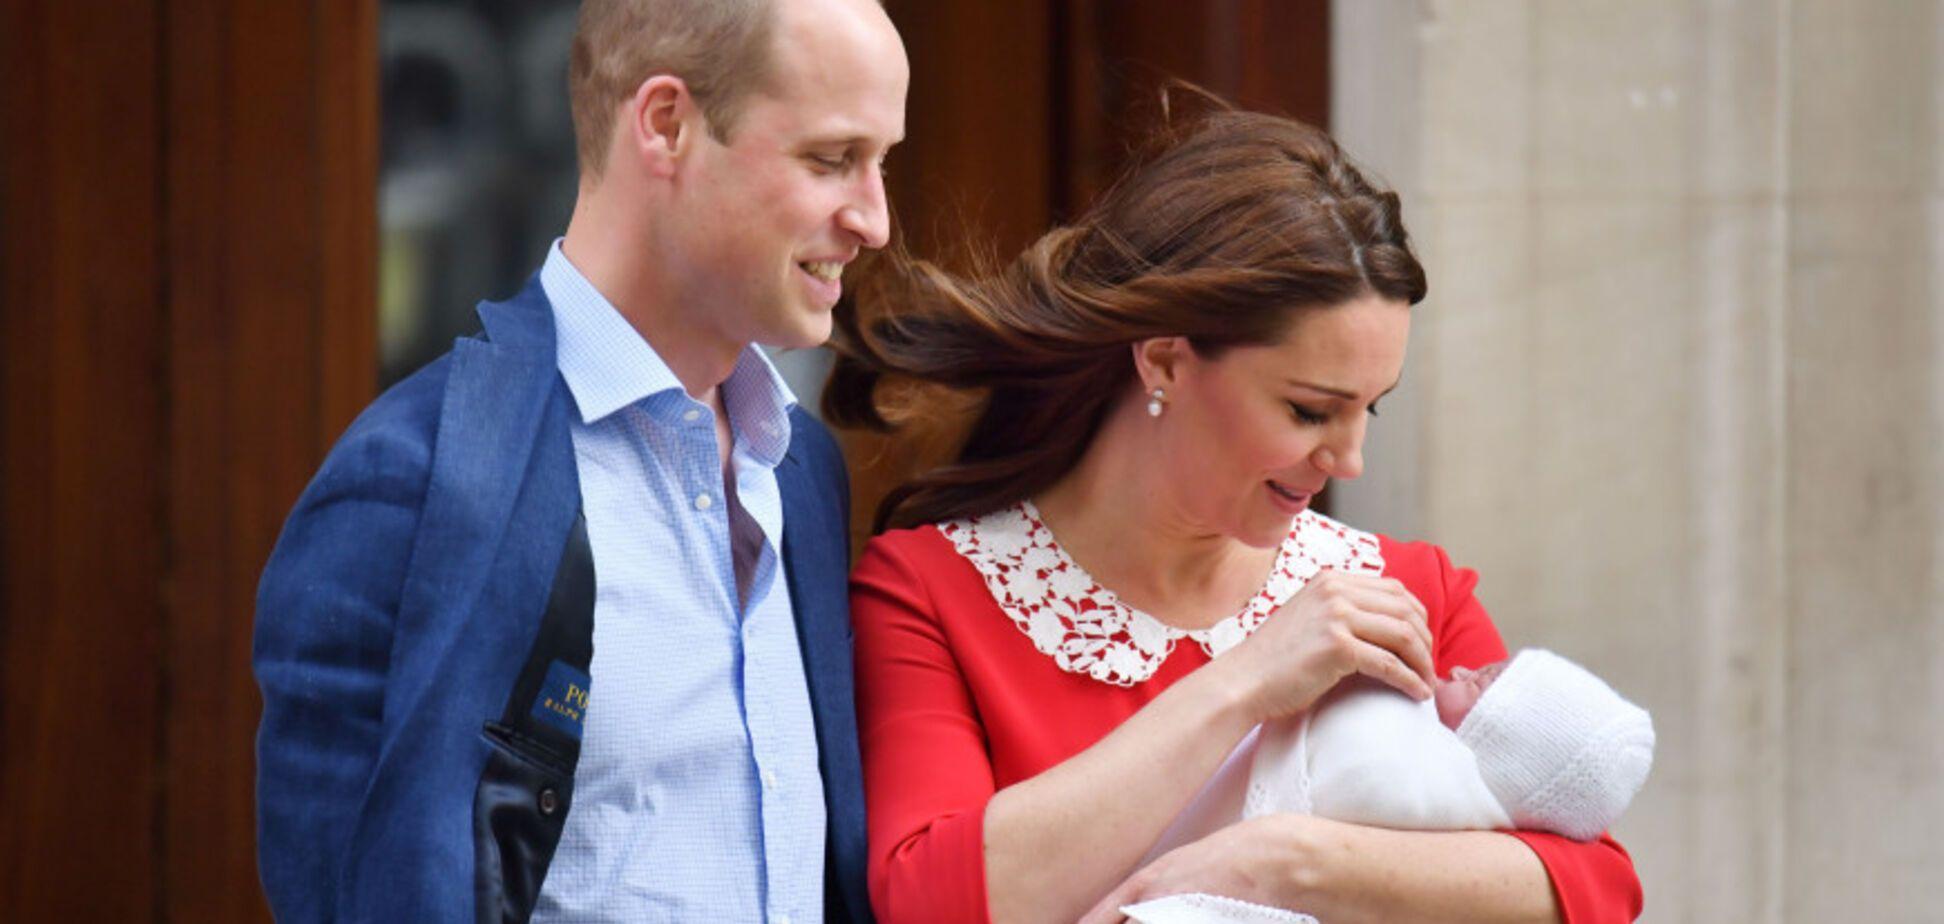 ''Сховайте, як Кейт'': відома актриса розкритикувала вихід Міддлтон після пологів